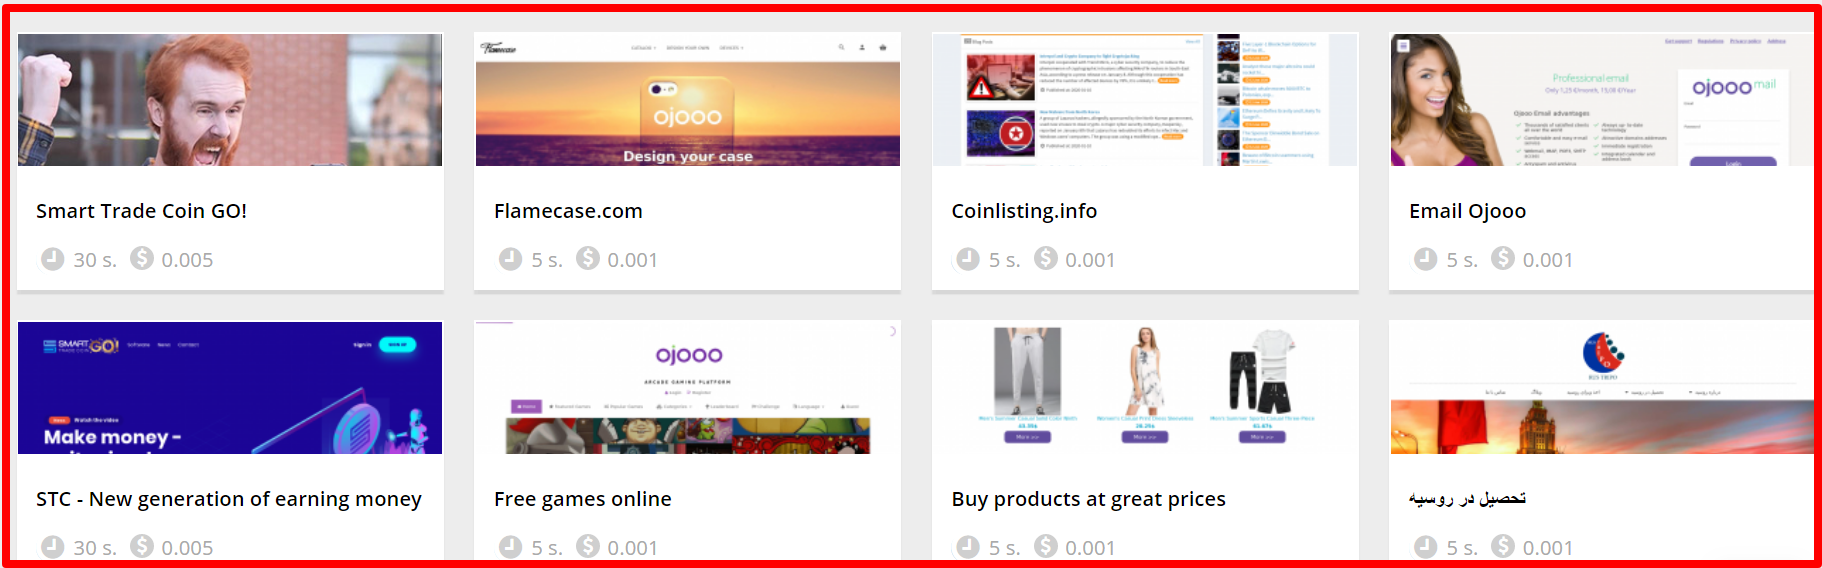 Ojooo com - Watching Ad